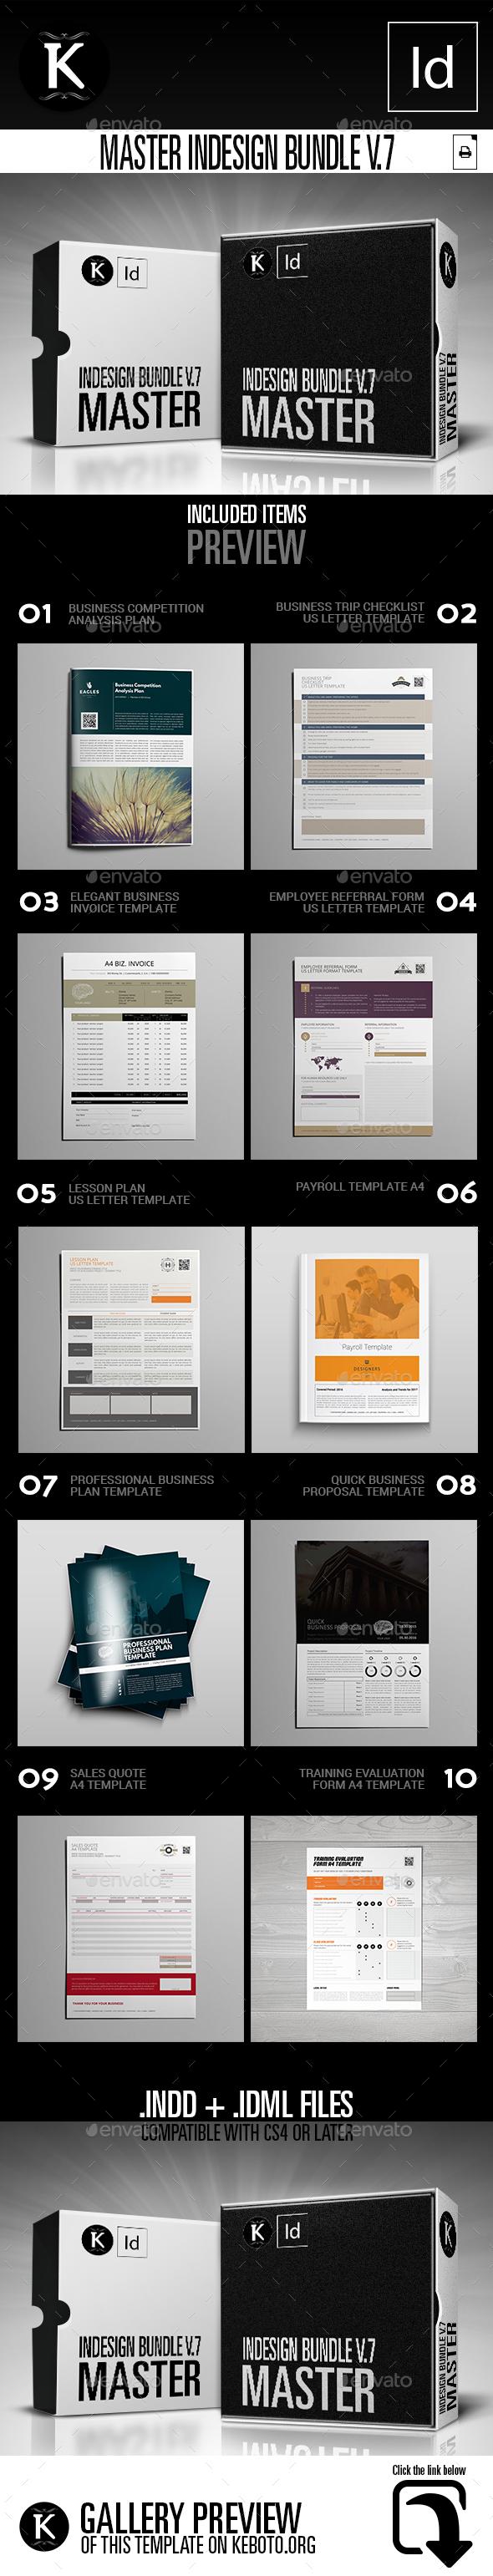 Master inDesign Bundle v.7 - Print Templates